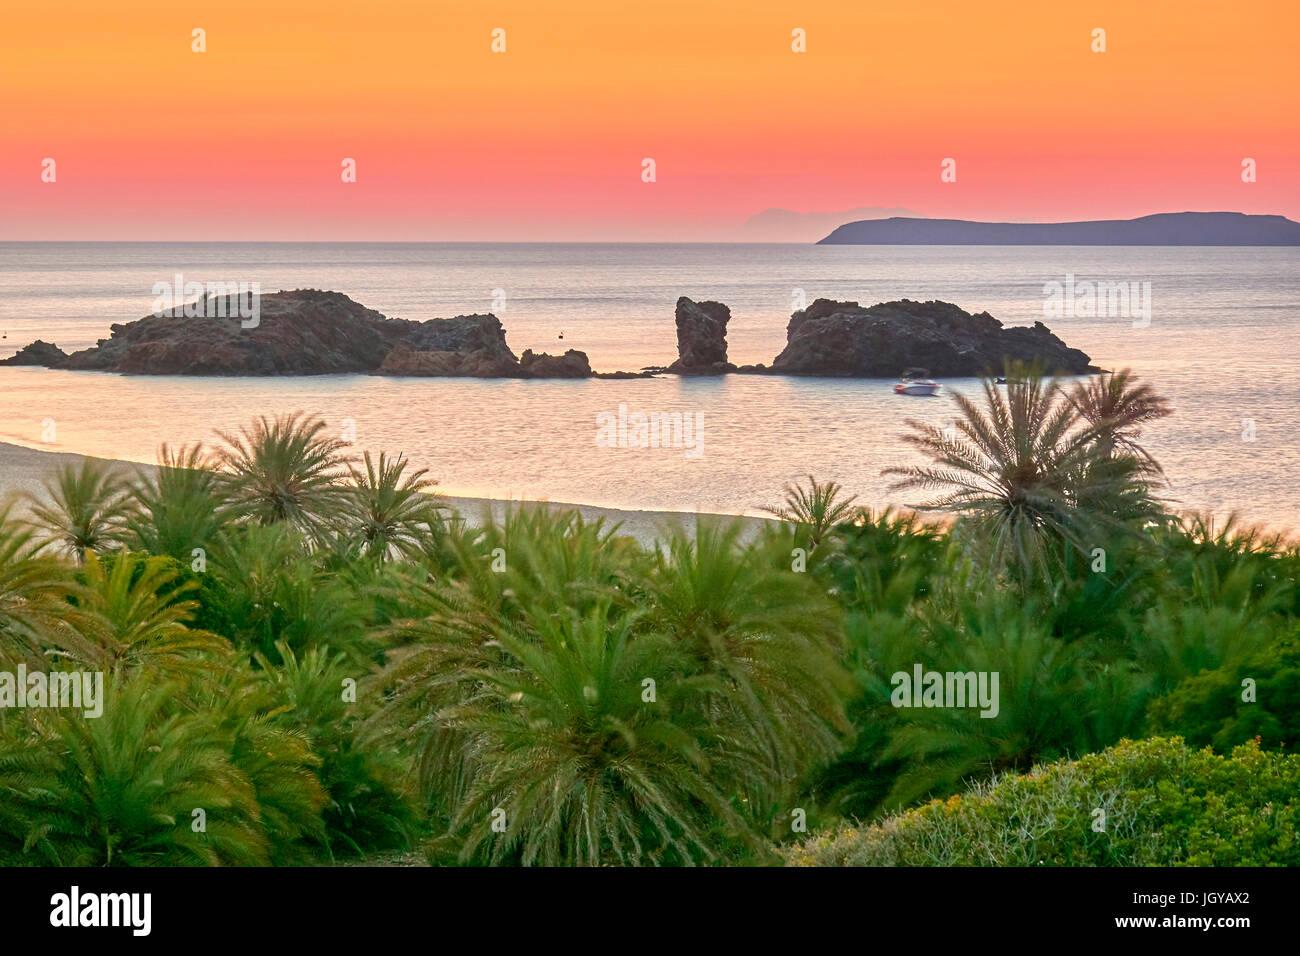 Avant le lever du soleil à la tombée de la plage, l'île de Crète, Grèce Photo Stock